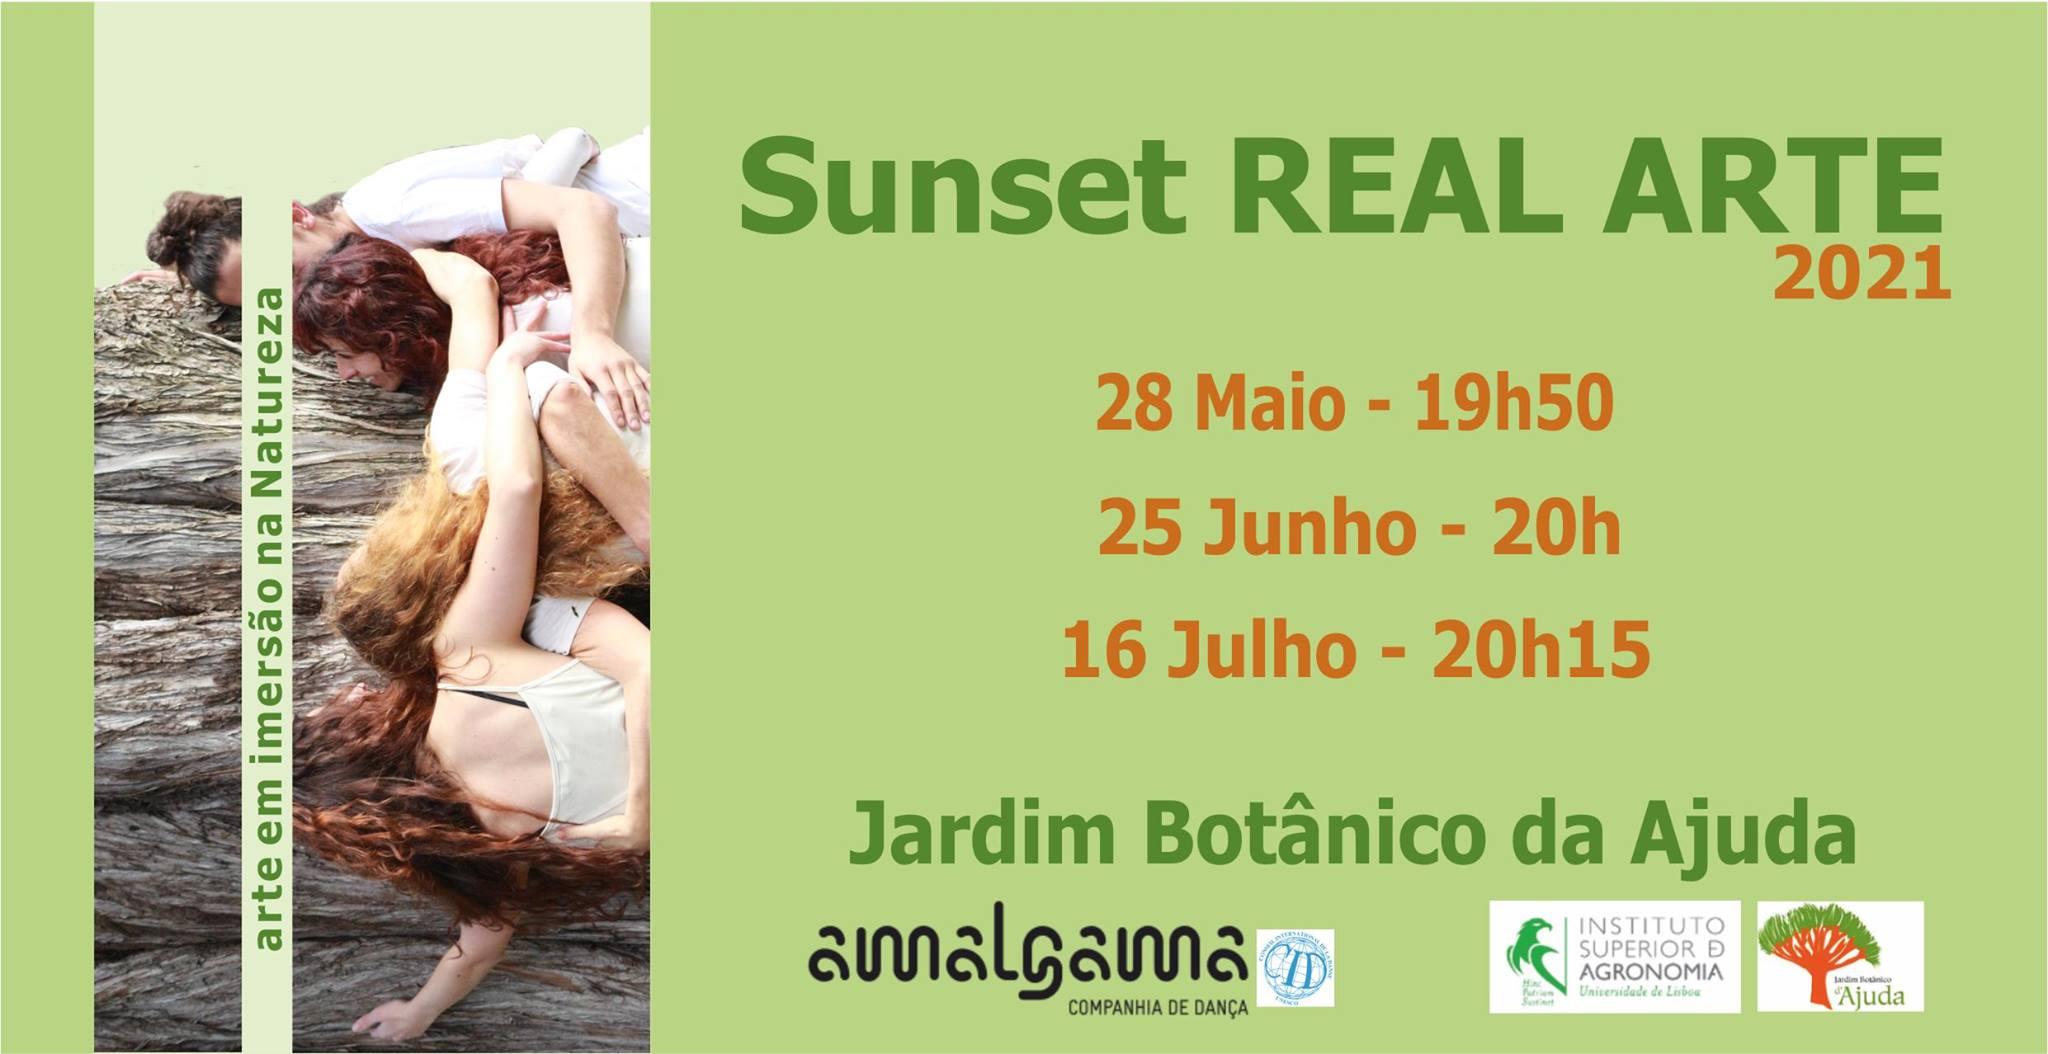 Espectáculo site specific REAL ARTE Sunset - Jardim Botânico da Ajuda